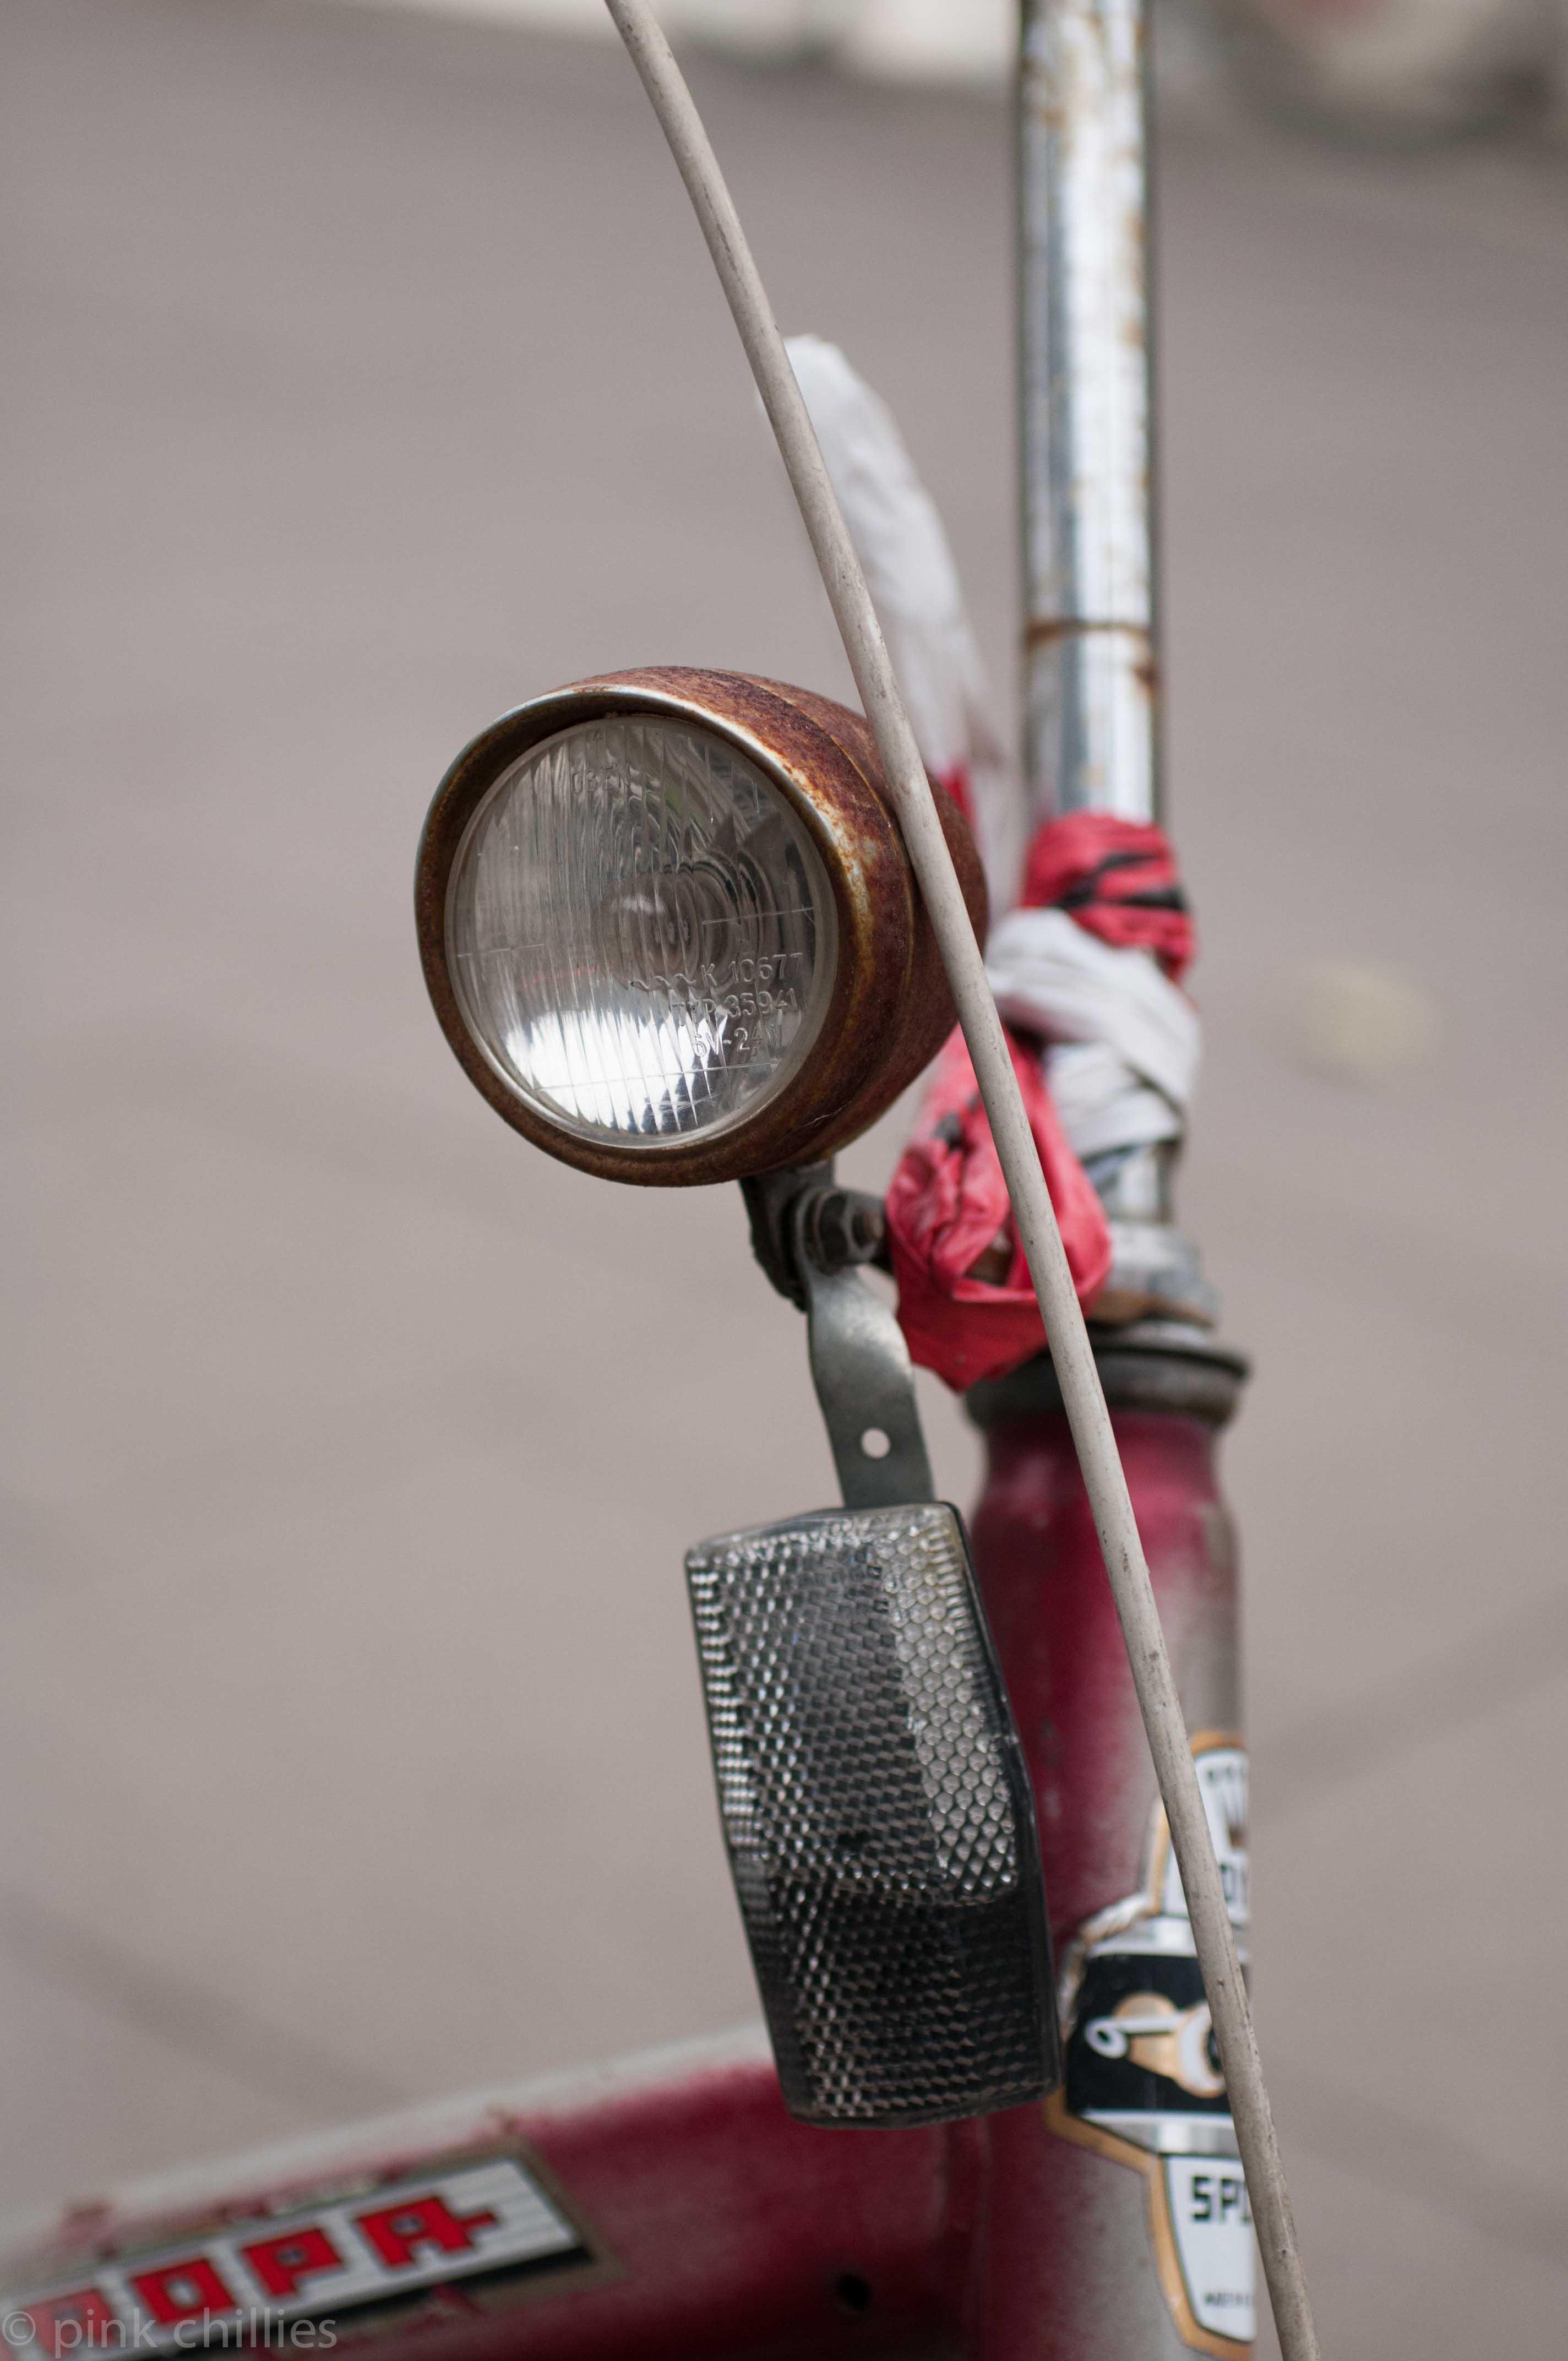 Fahrradlampe am Klapprad